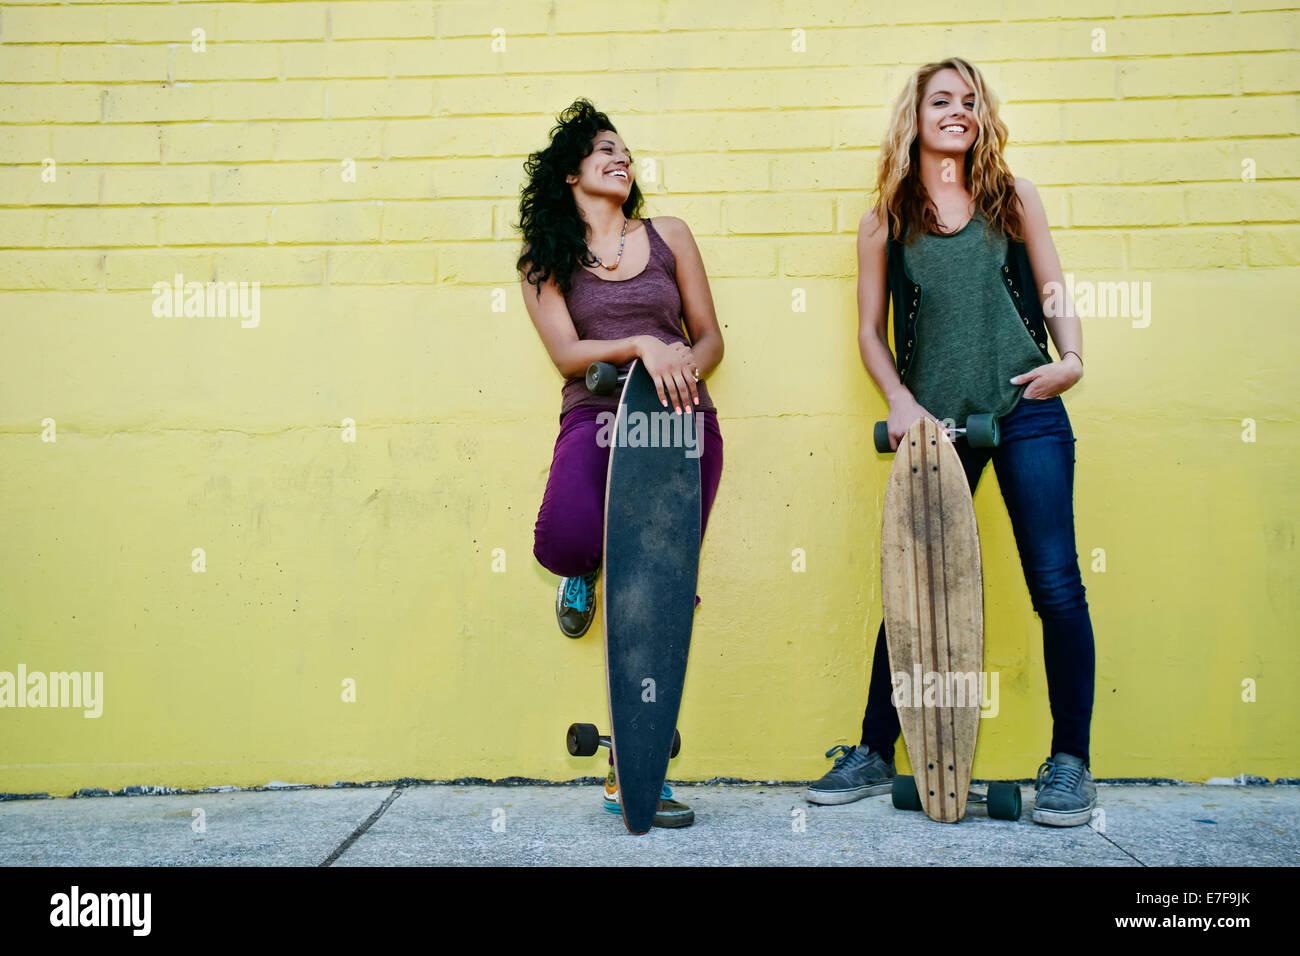 Las mujeres ocupan en la calle skateboards Foto de stock